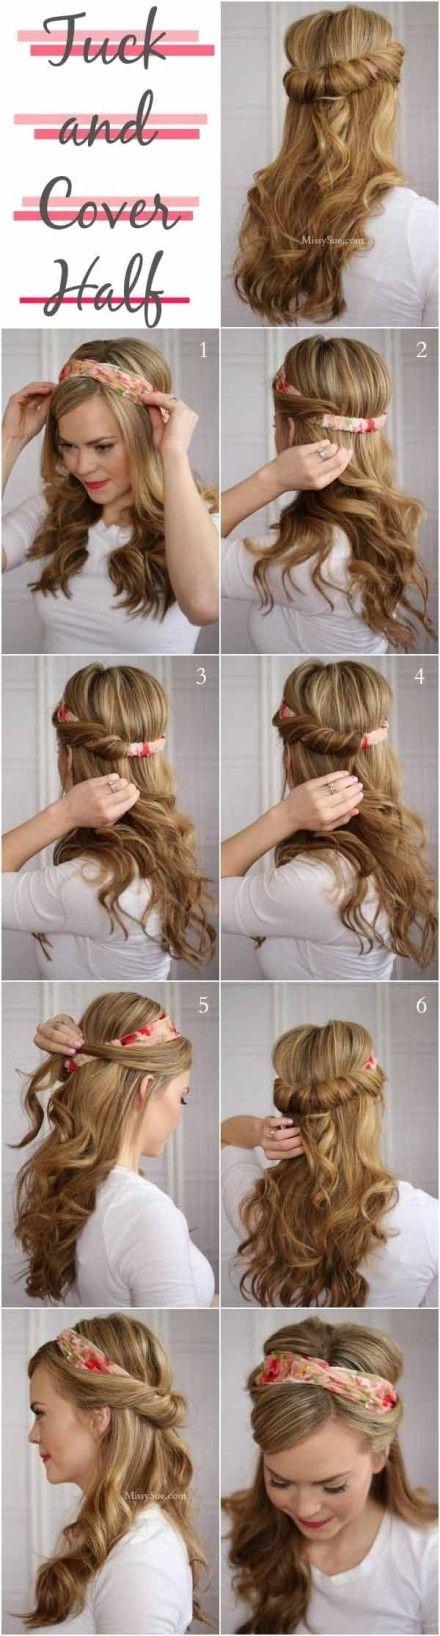 Účesy pro dlouhé vlasy - 2